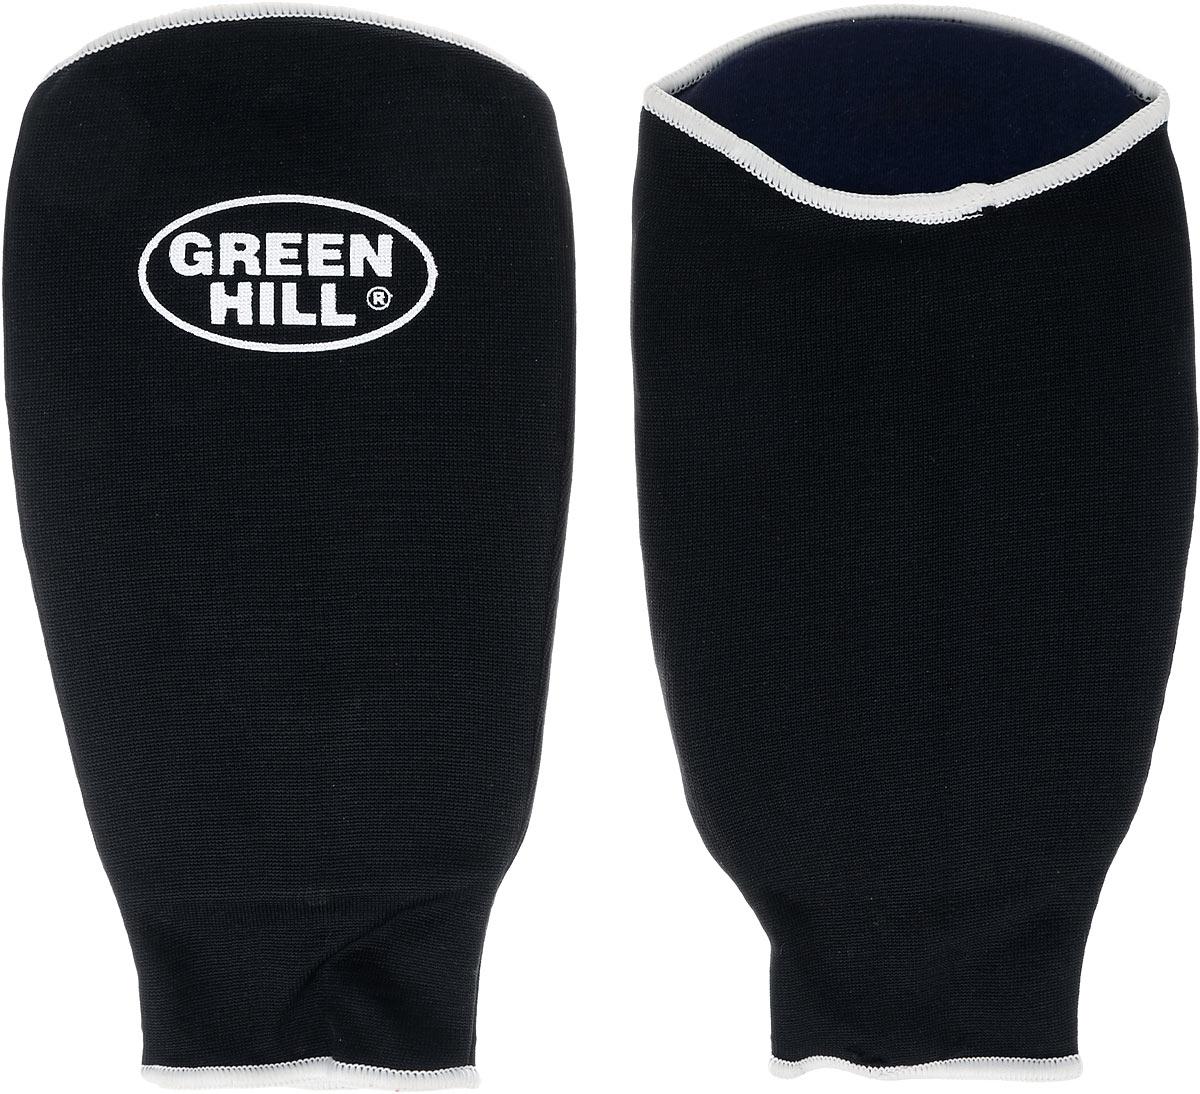 Защита на предплечье Green Hill, цвет: черный, белый. Размер L. AP-6132SIG-0012Защита на предплечье Green Hill предназначена для занятий различными видами единоборств. Она защищает руки от синяков и ушибов. Защита изготовлена из хлопка с эластаном, мягкие вкладки изготовлены из вспененного полимера.